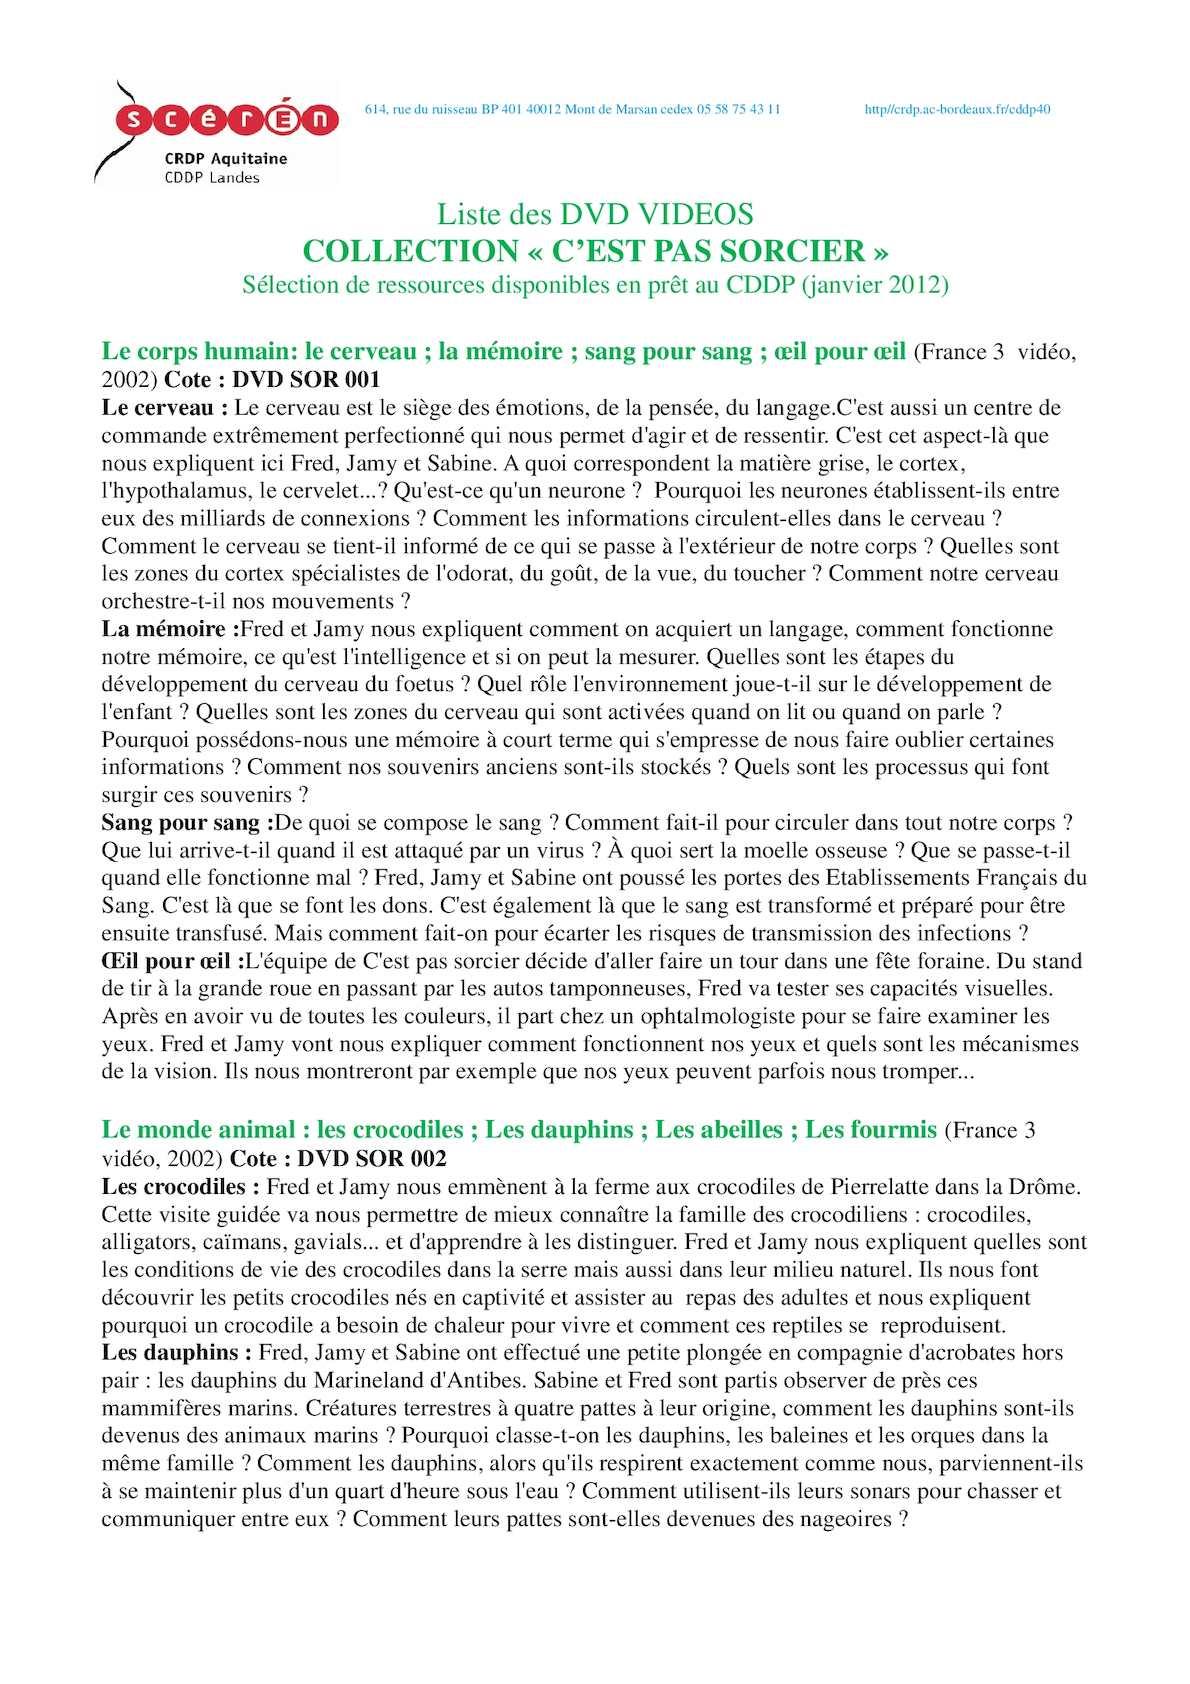 C Est Pas Sorcier Le Pétrole : sorcier, pétrole, Calaméo, Liste, C'est, Sorcier